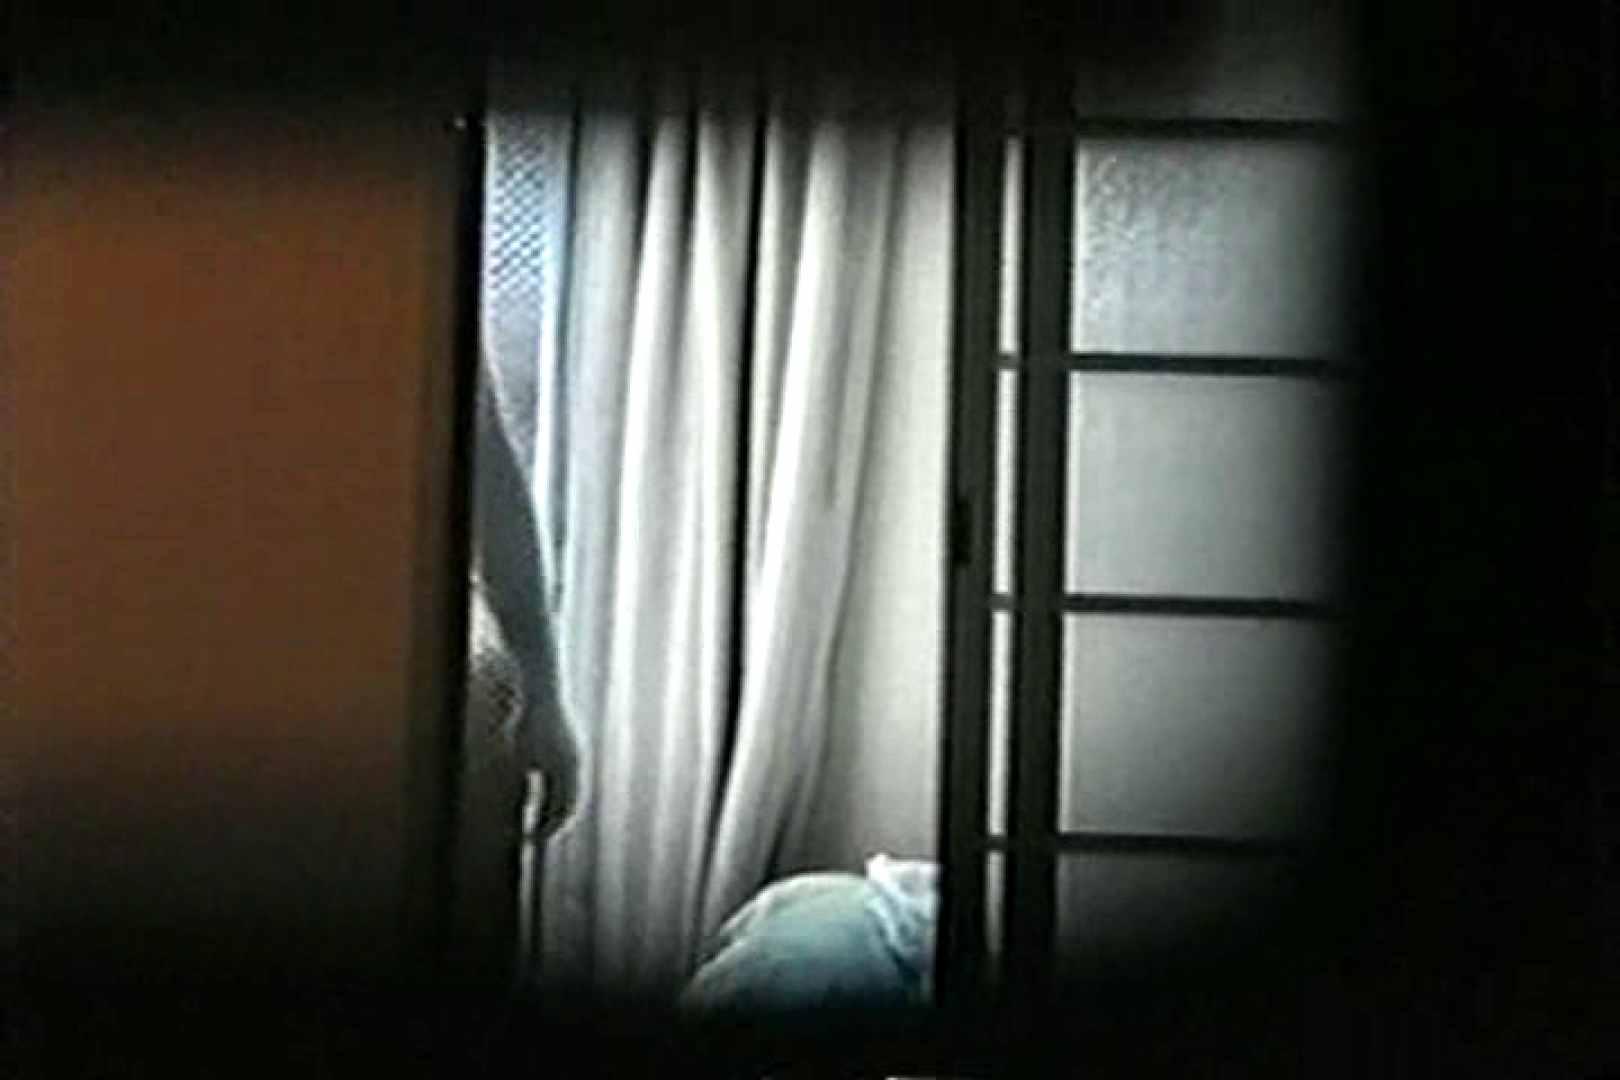 深夜の撮影会Vol.7 エロティックなOL  71画像 44